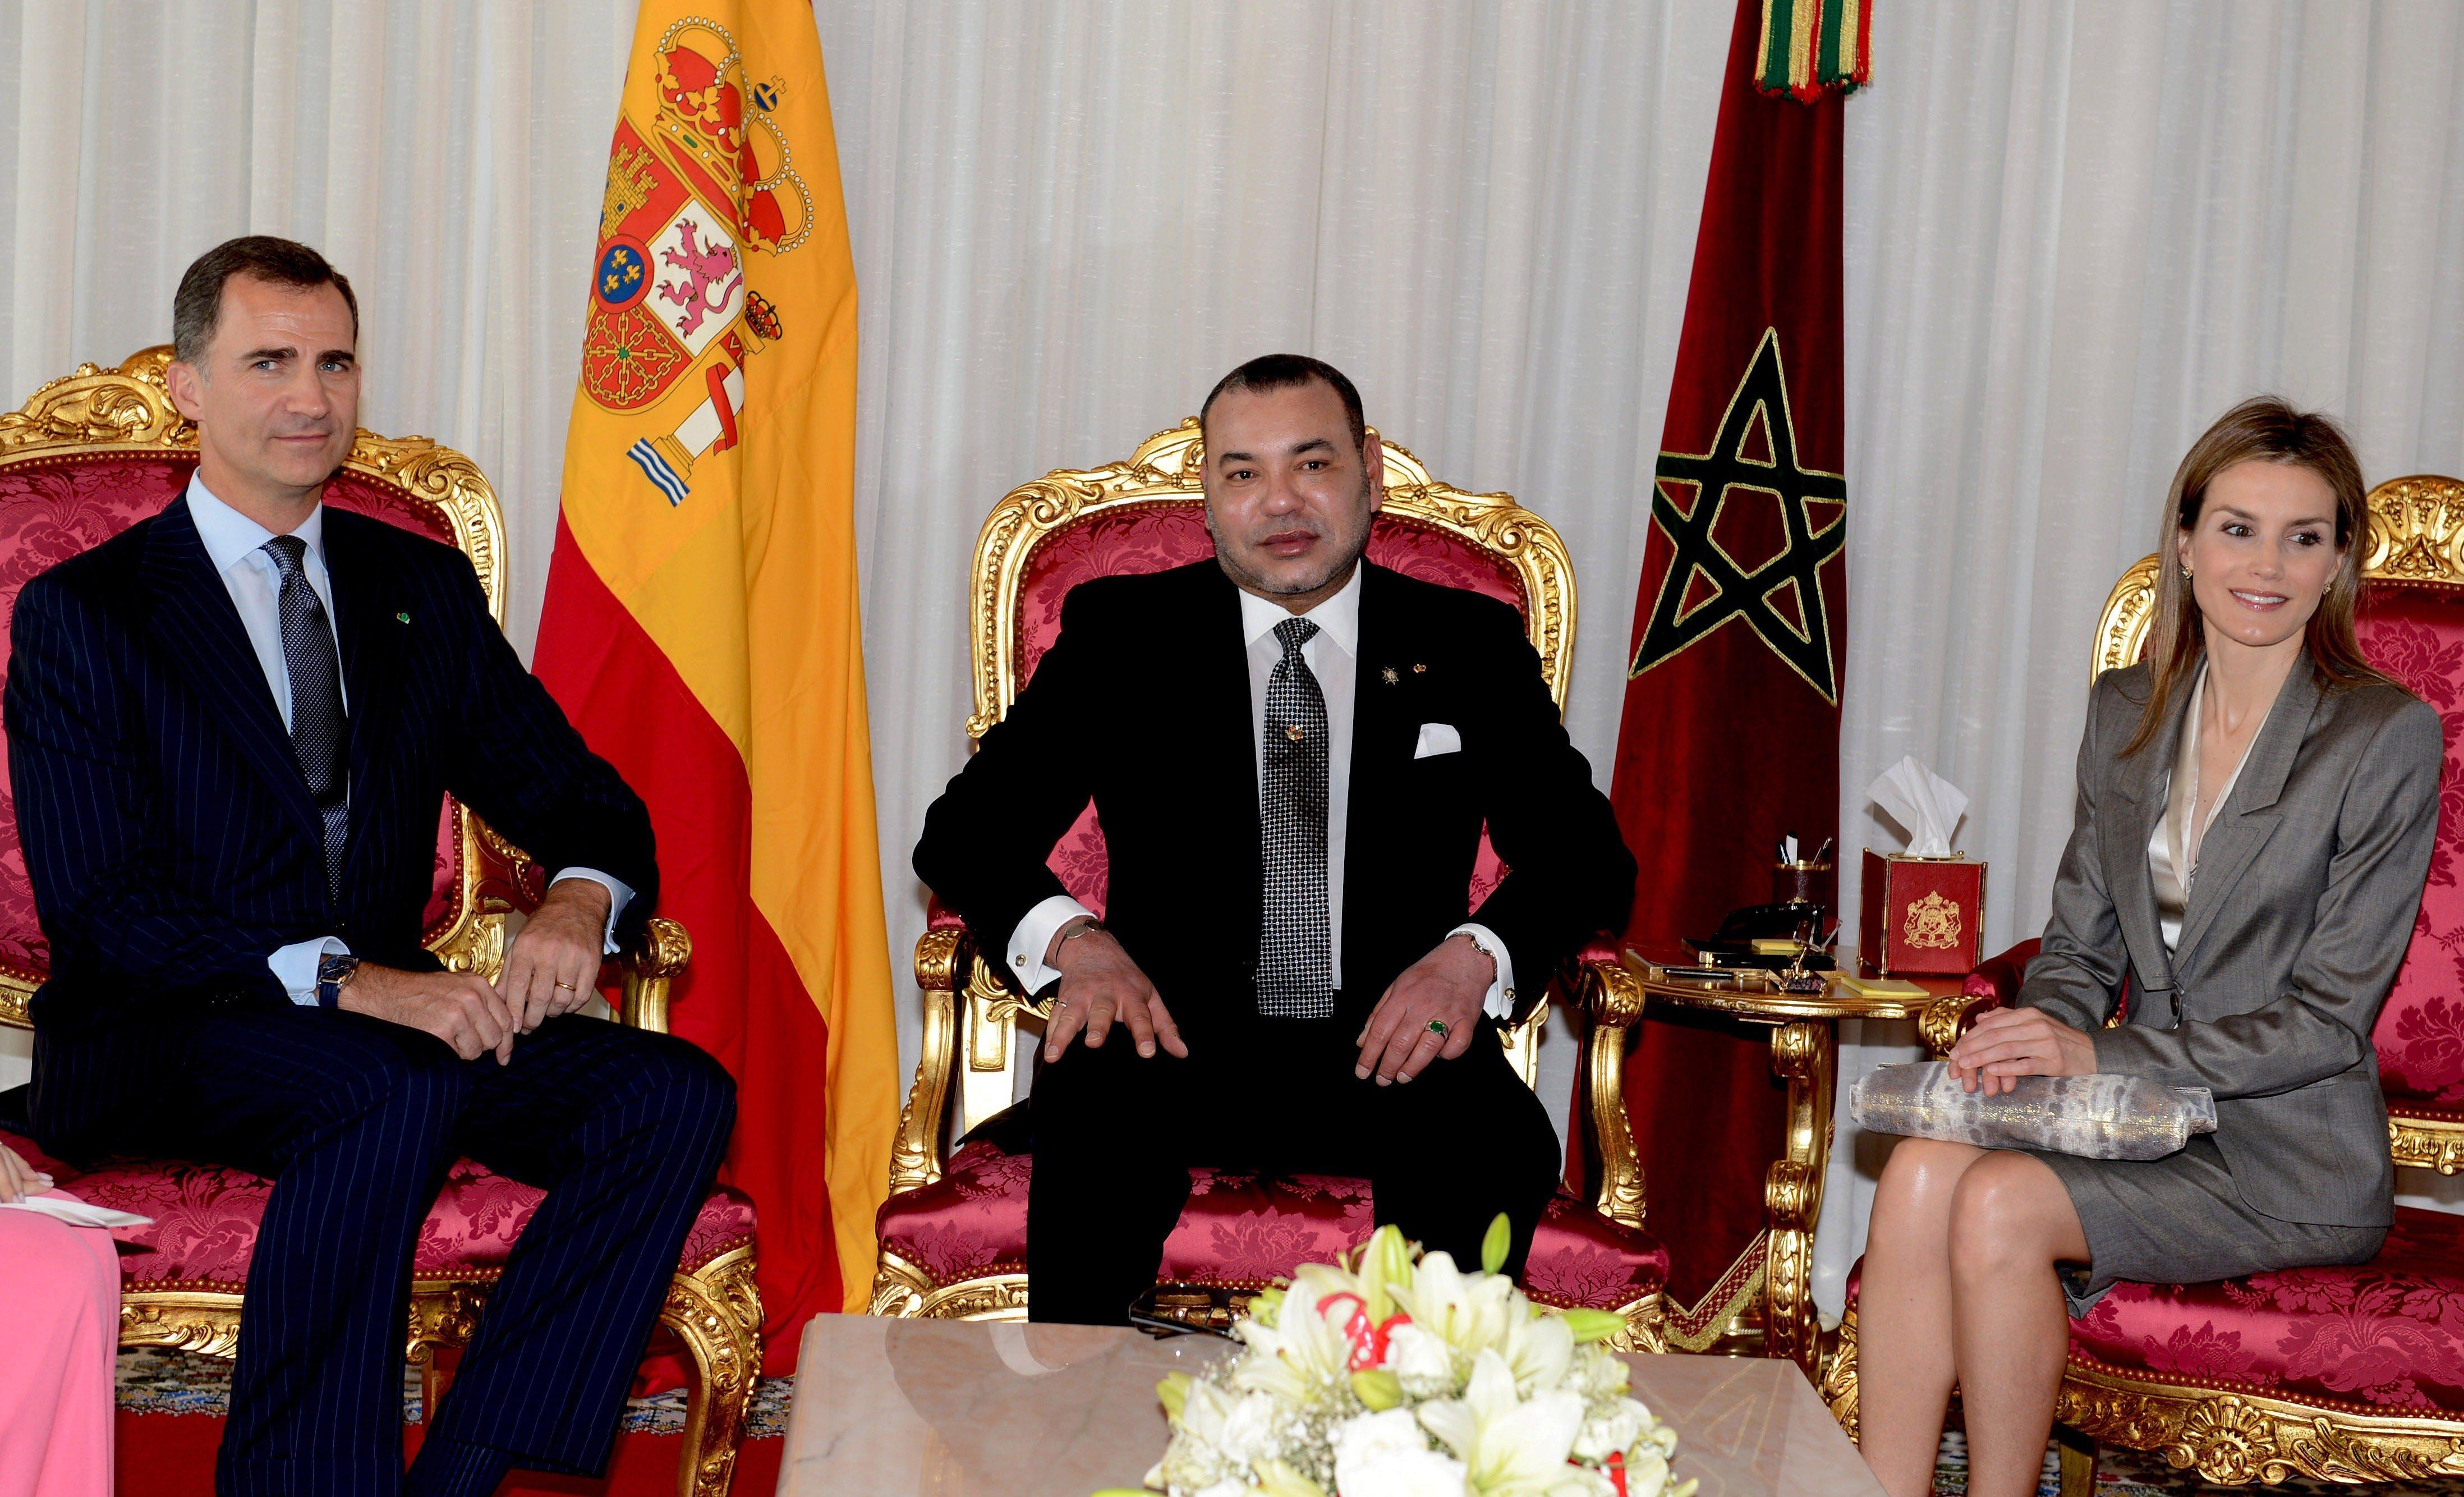 Le roi et la reine d'Espagne bientôt en visite d'État au